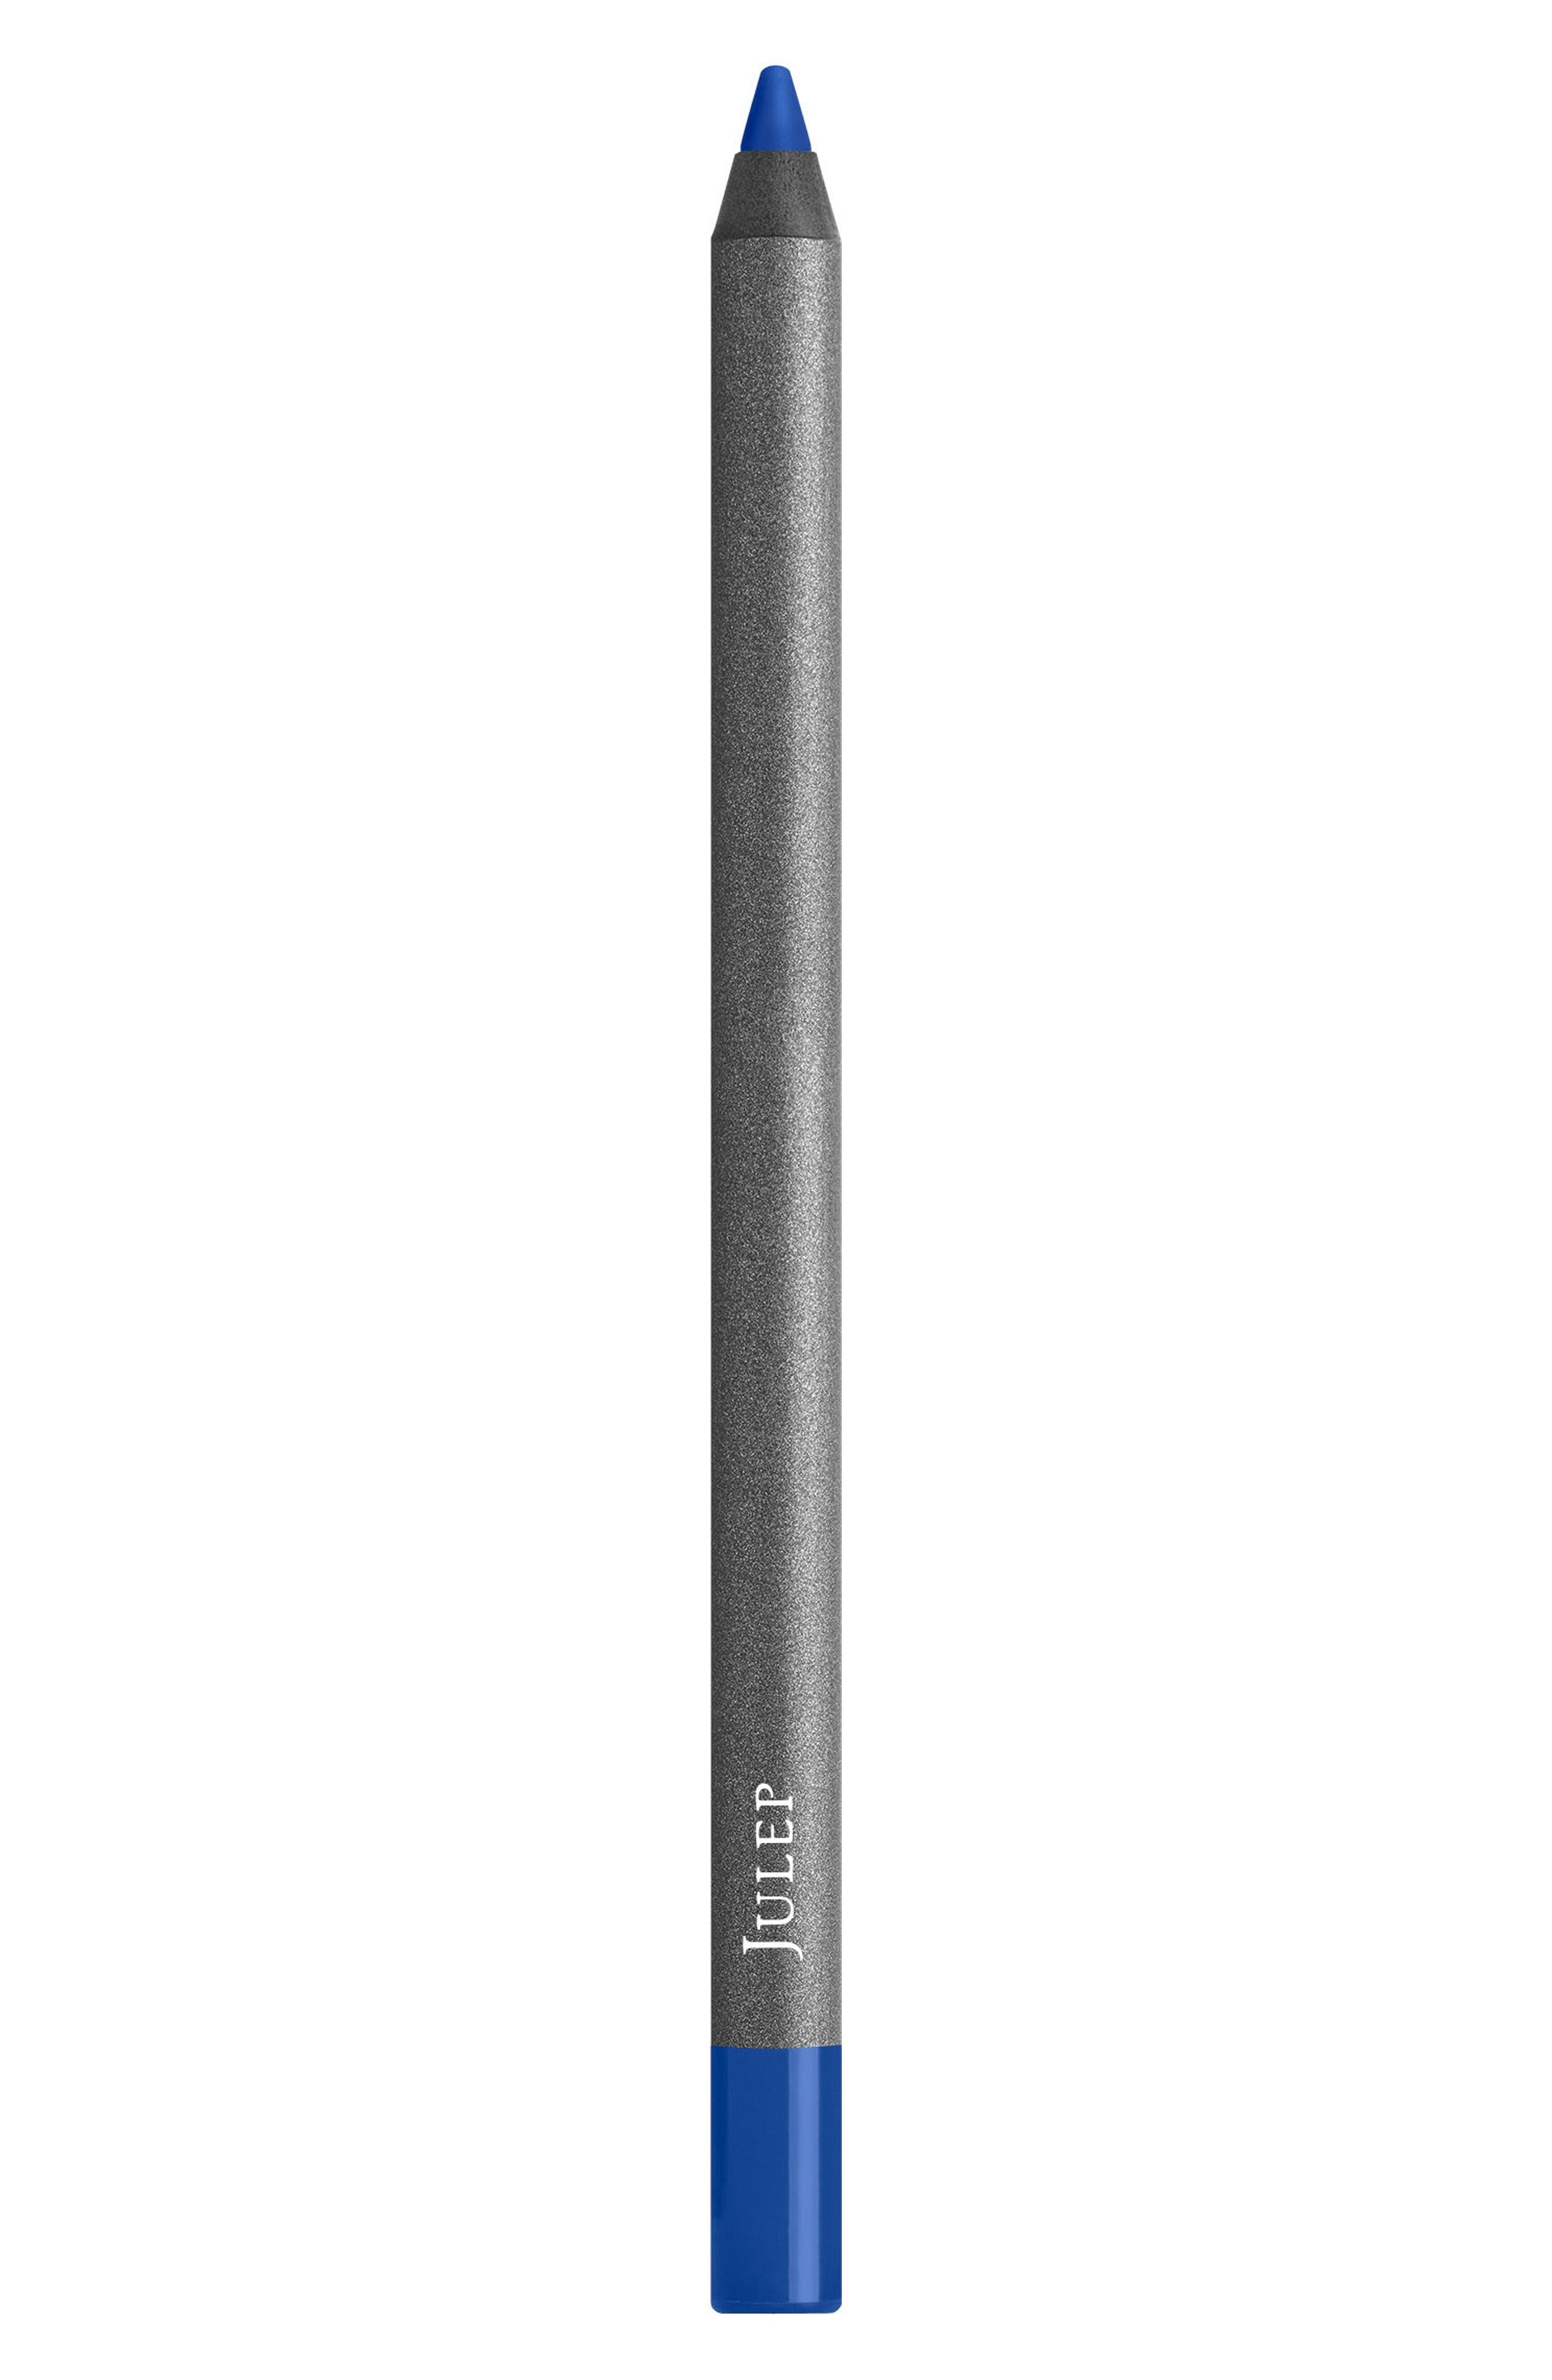 Julep™ When Pencil Met Gel Long-Lasting Eyeliner